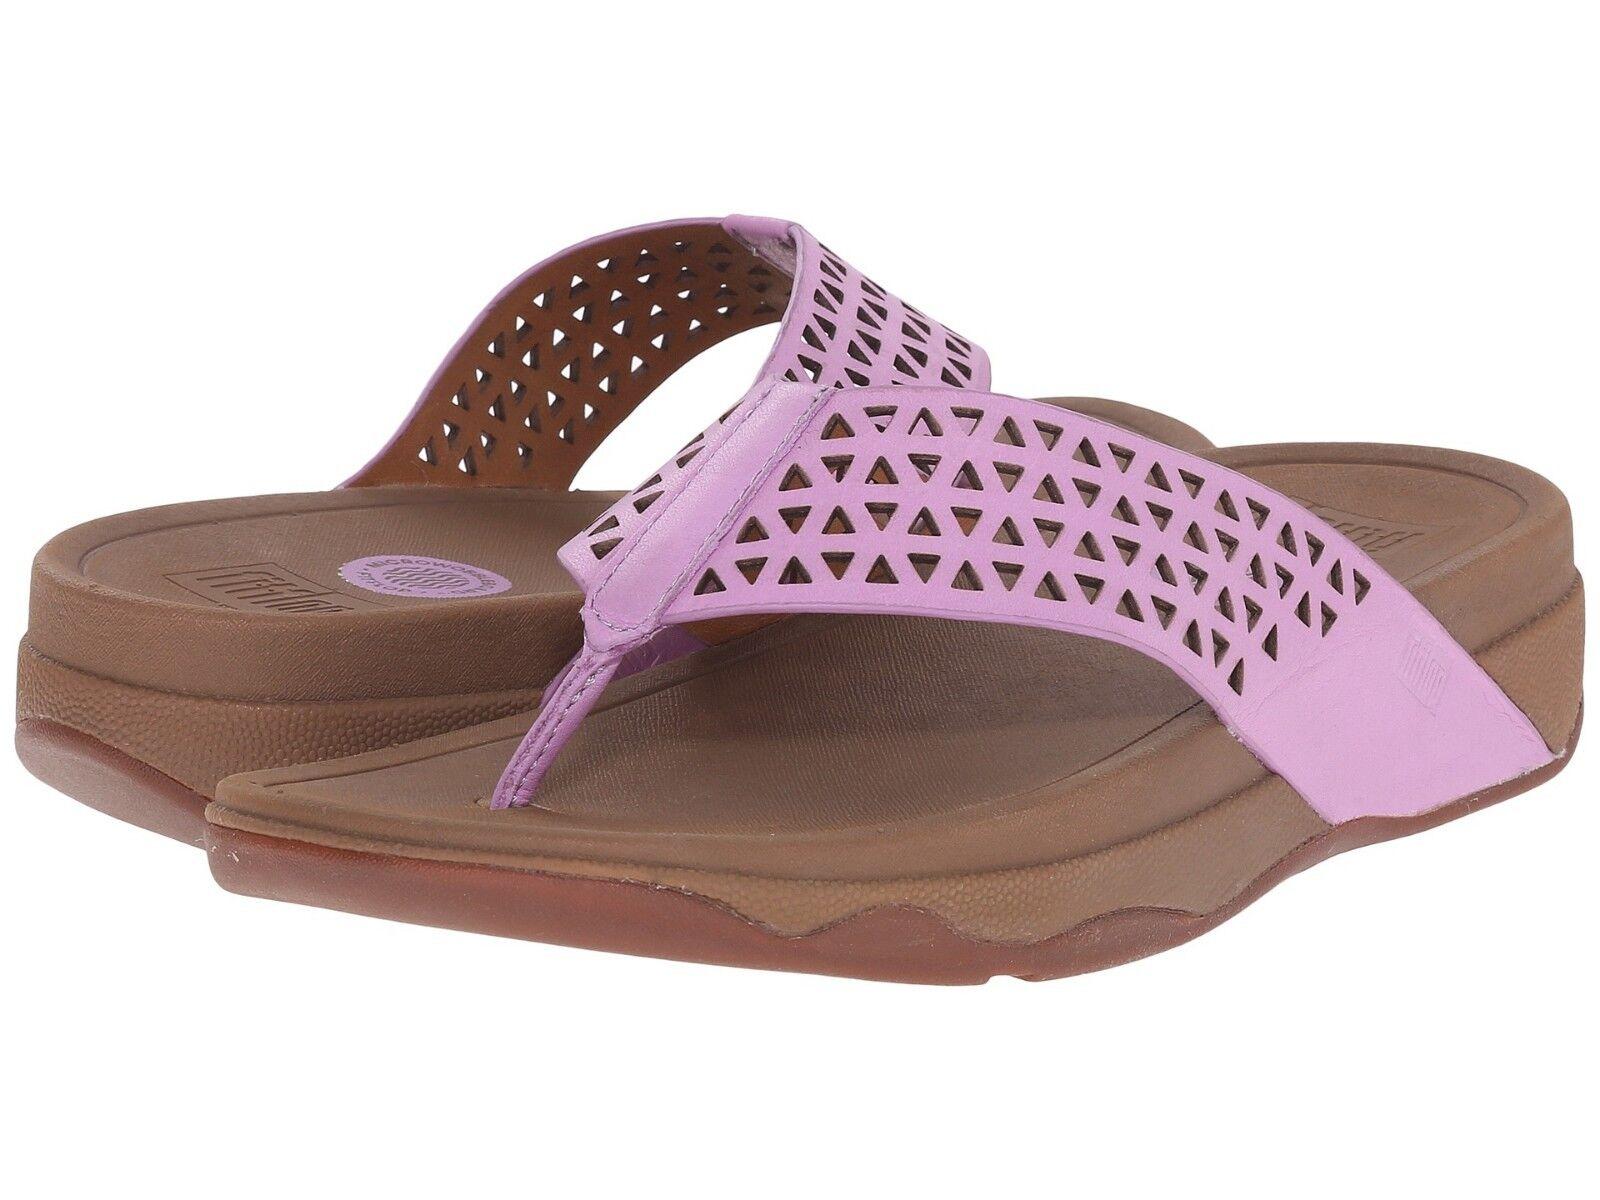 BNIB Fit Flop Surfa violetc Low Wedge Heel Toe Post Fitness Toning Sandals Sz 7 41